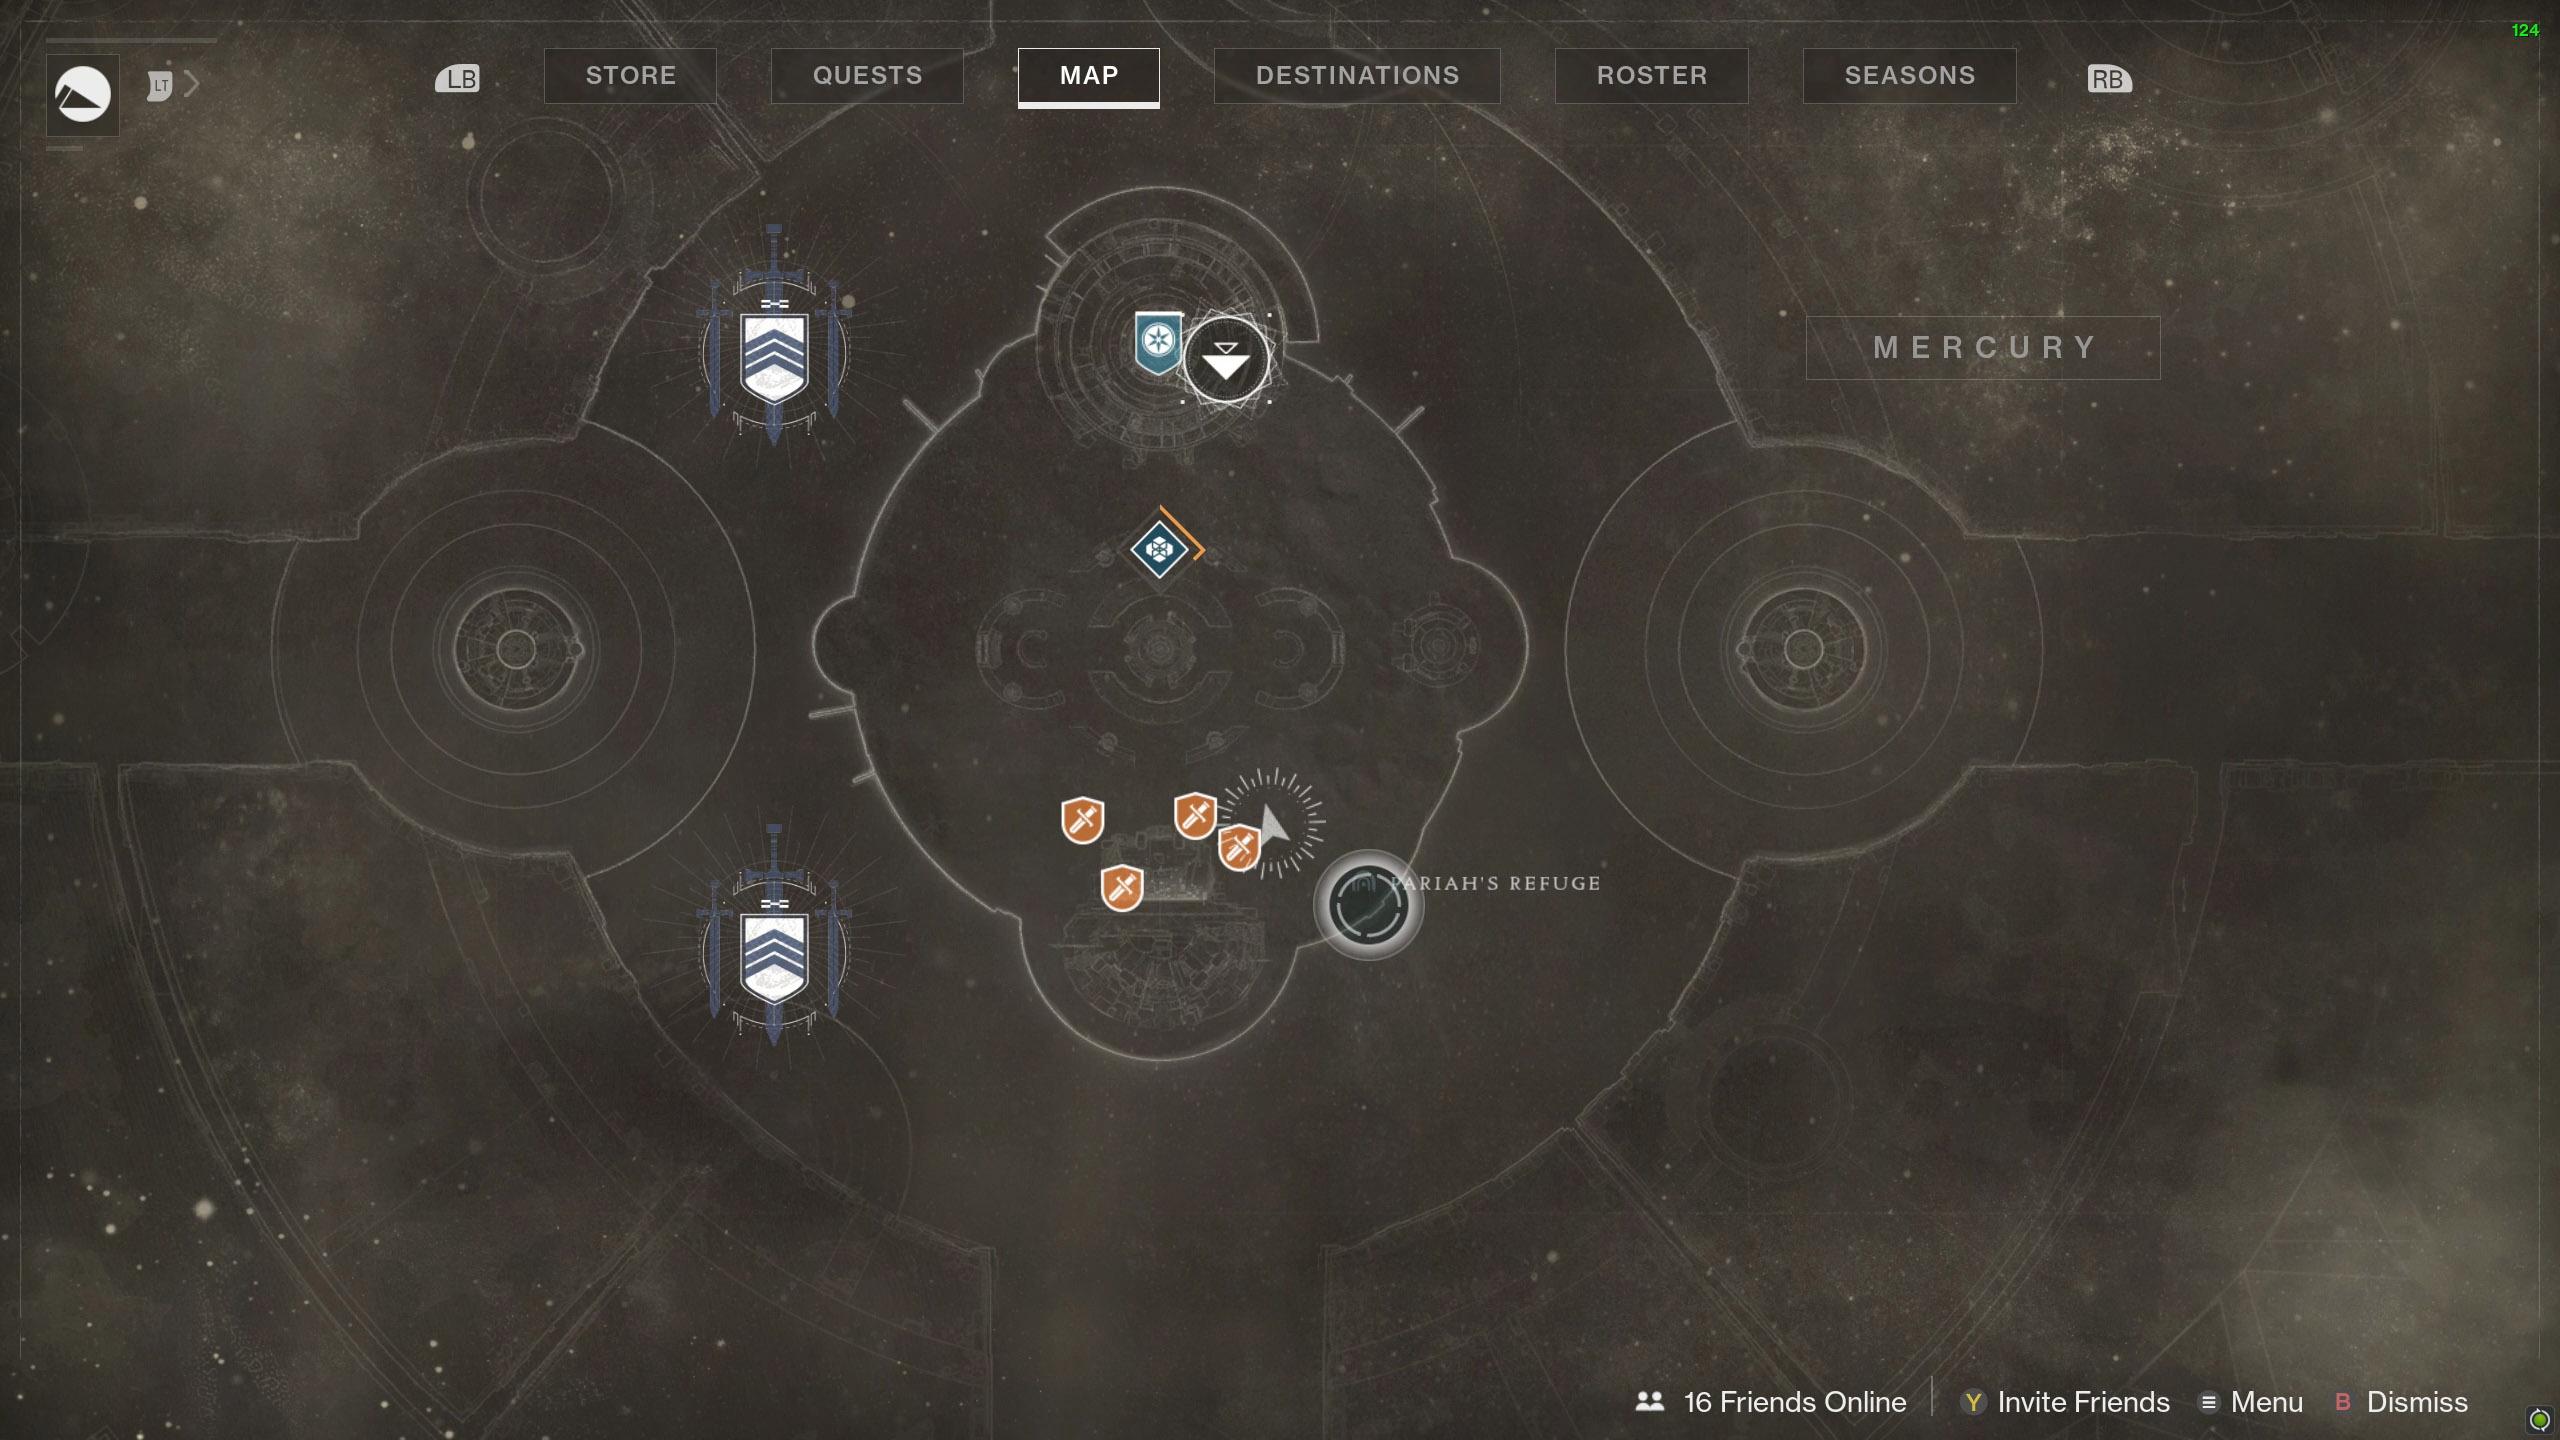 Destiny 2 Savathuns Eyes Mercury Pariah's Refuge 1 map